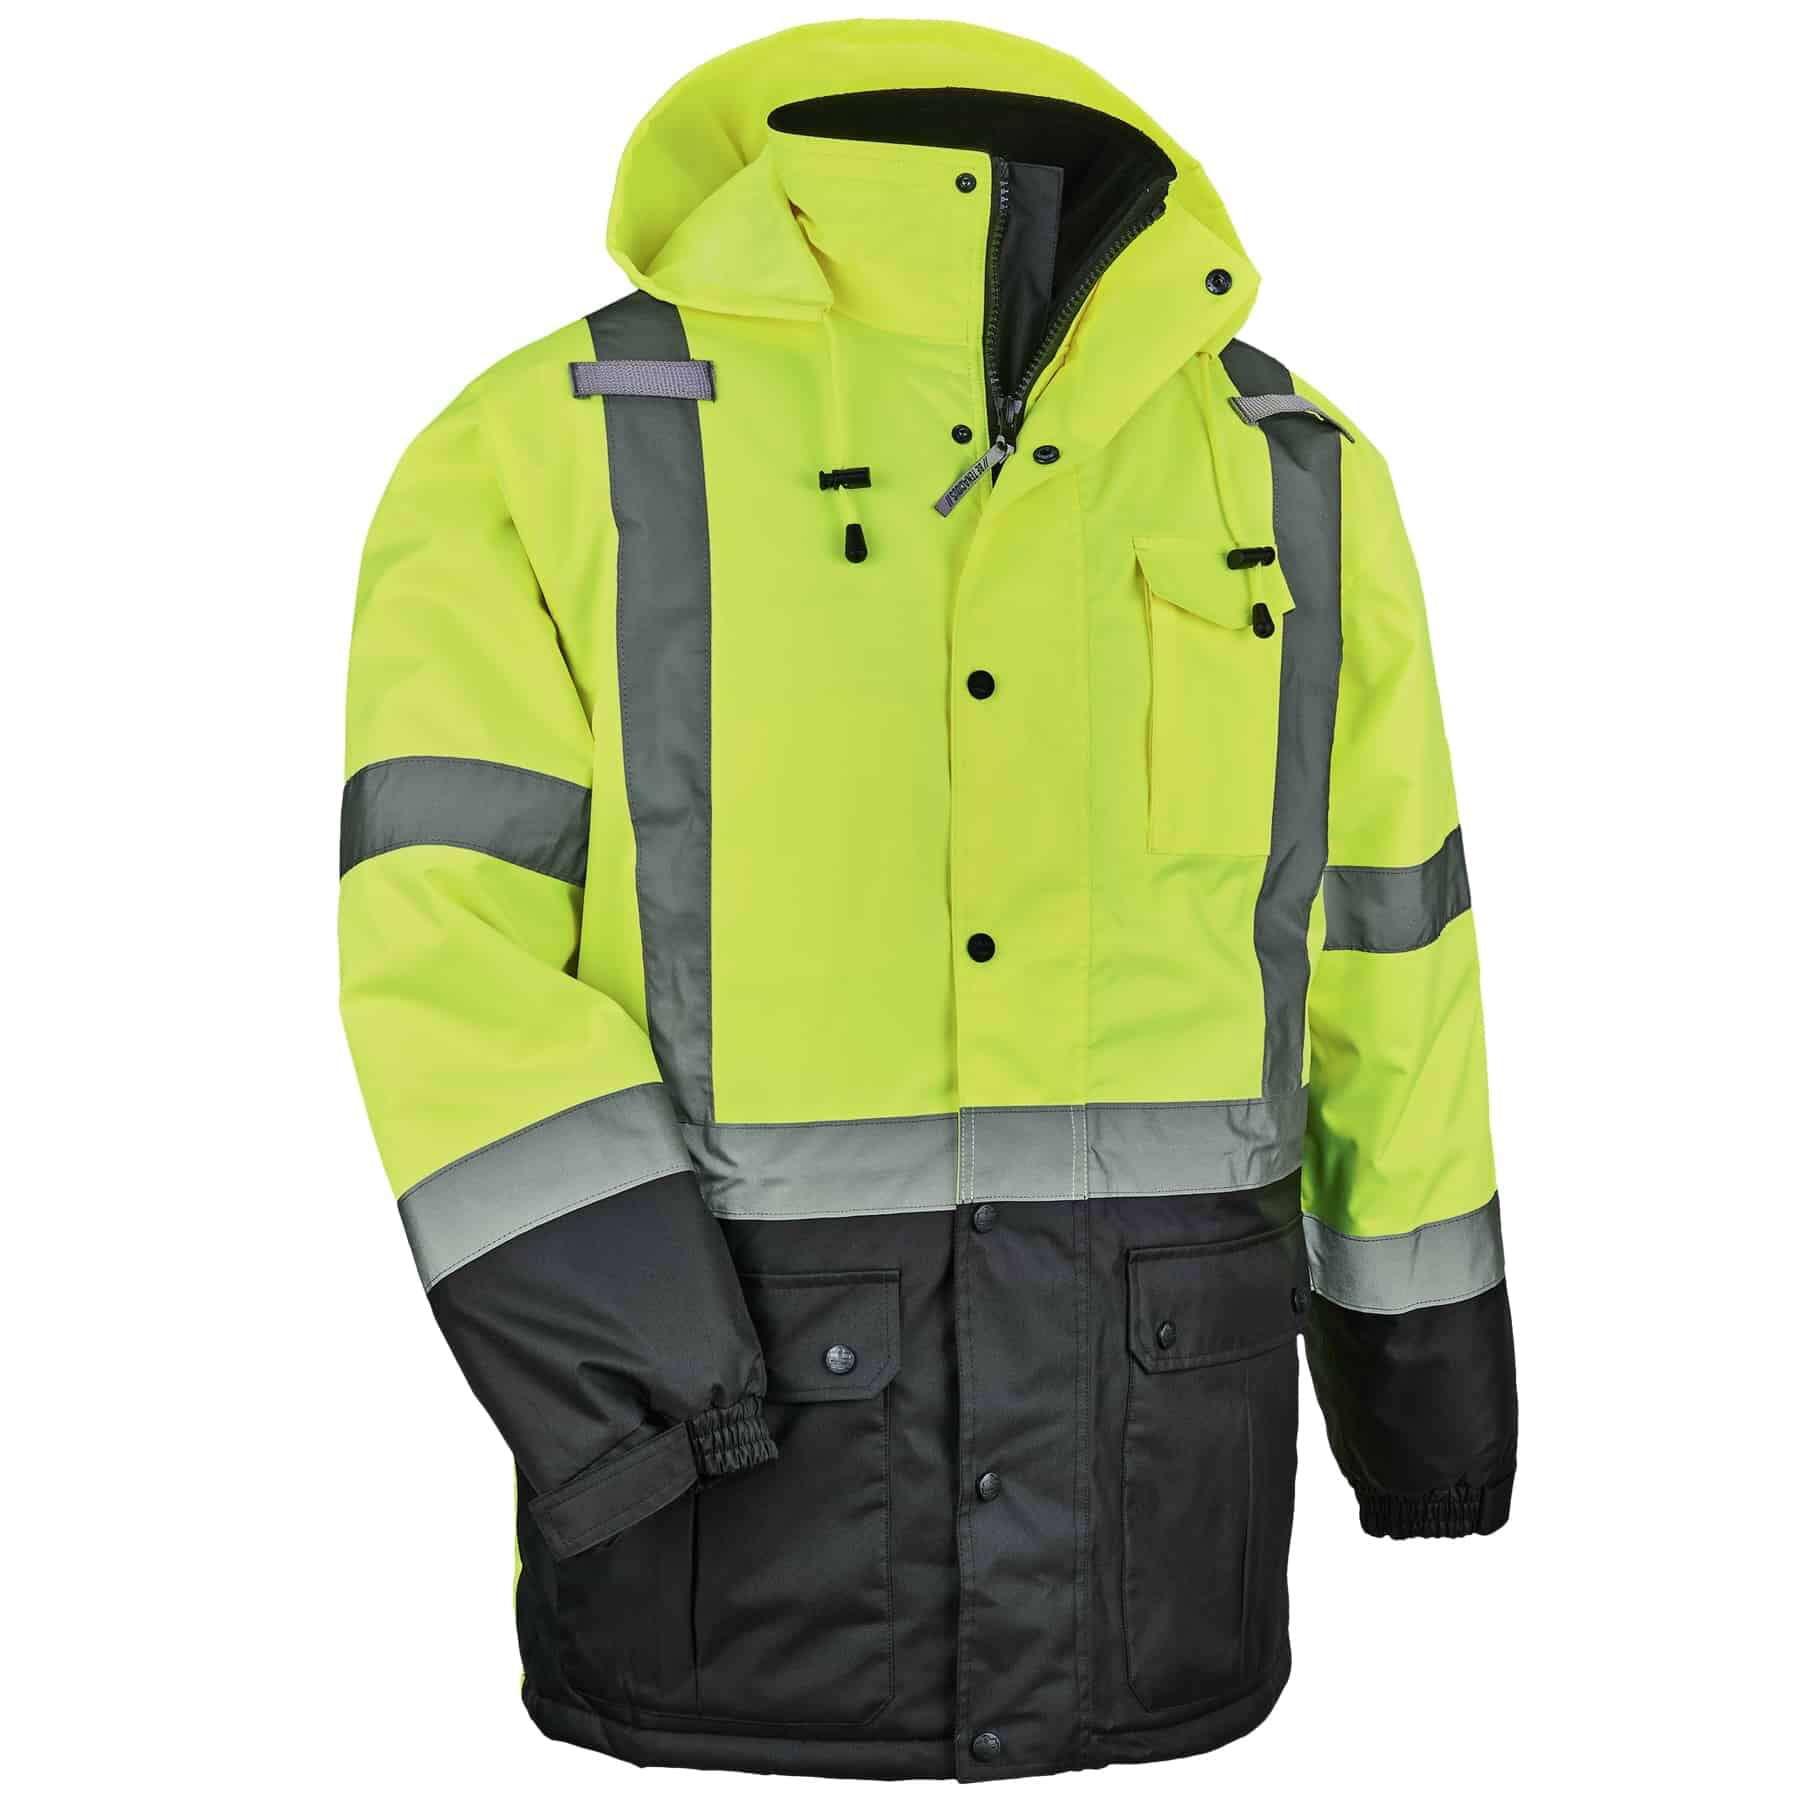 Ergodyne GloWear® 8384 Type R Class 3 Thermal Parka, Lime, 2XL